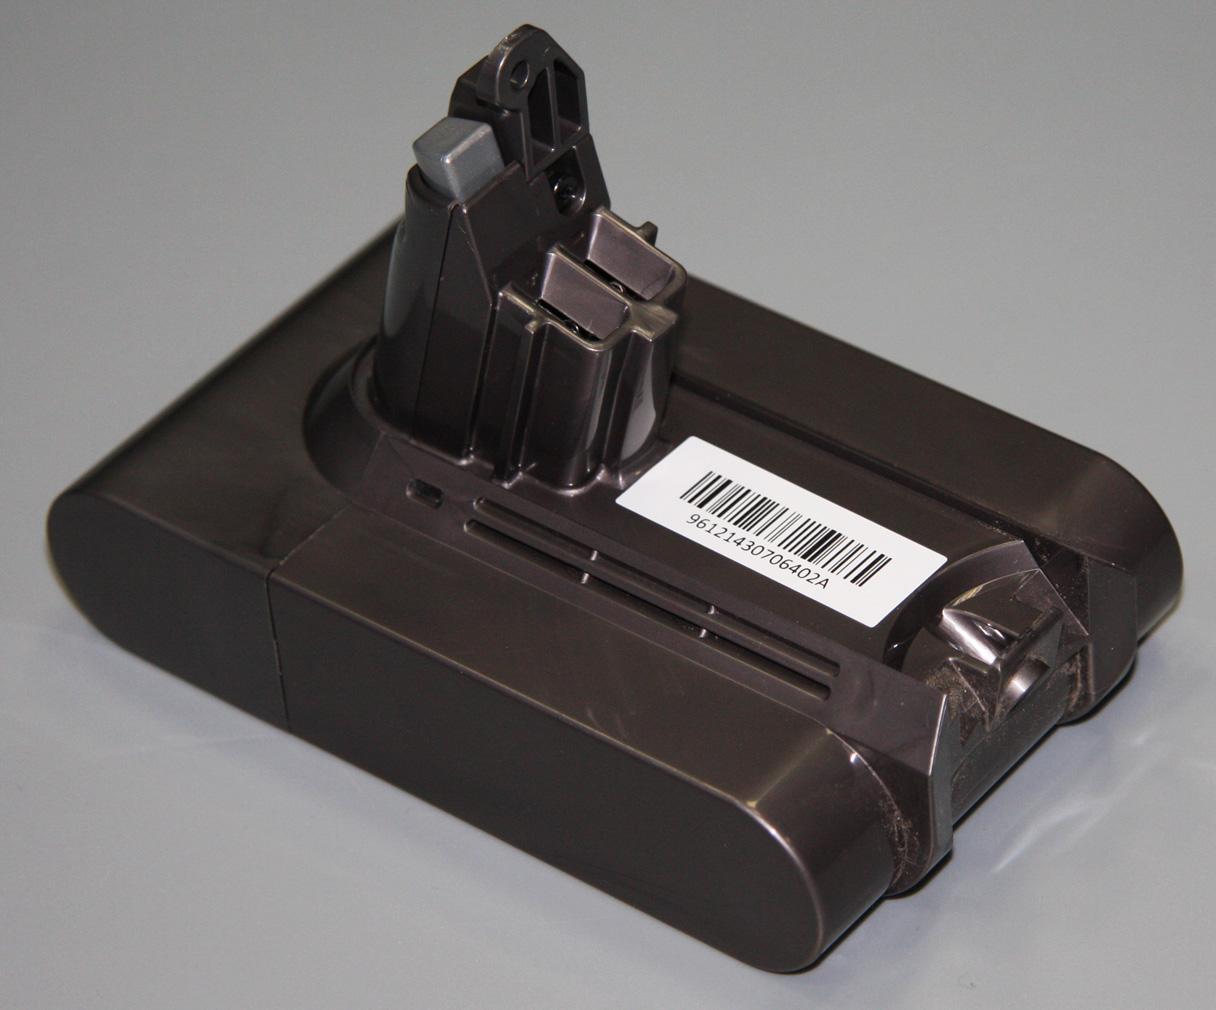 Аккумулятор для dyson dc62 animal pro купить интернет магазин пылесосы дайсон